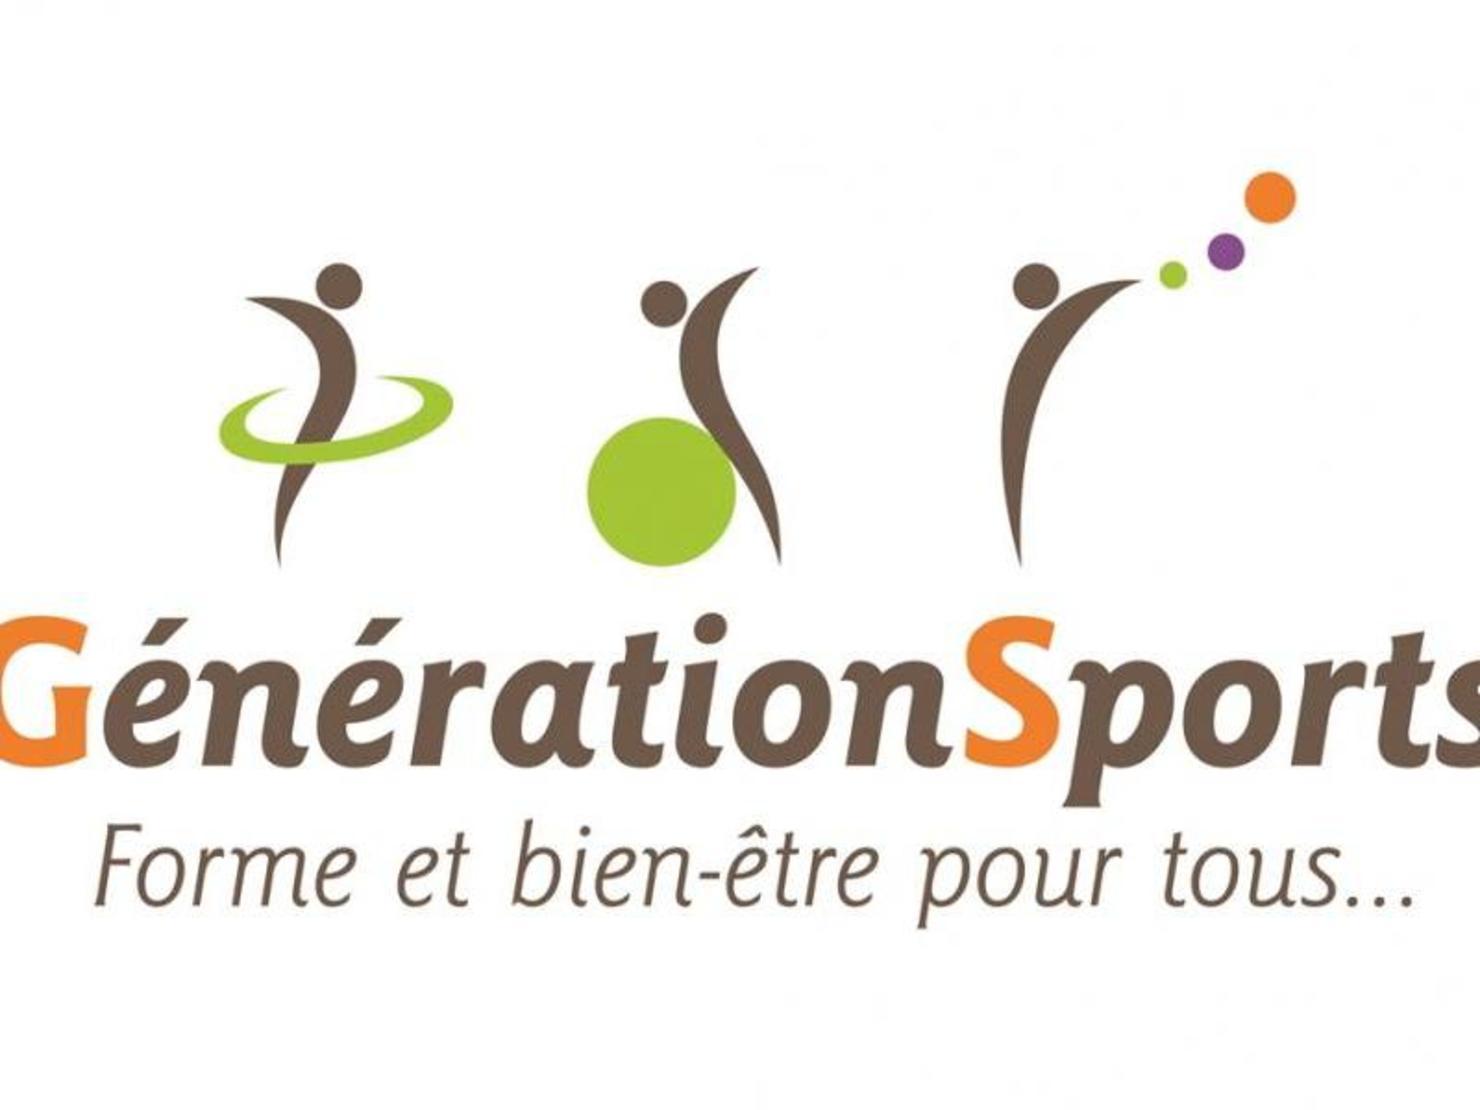 Générations Sports